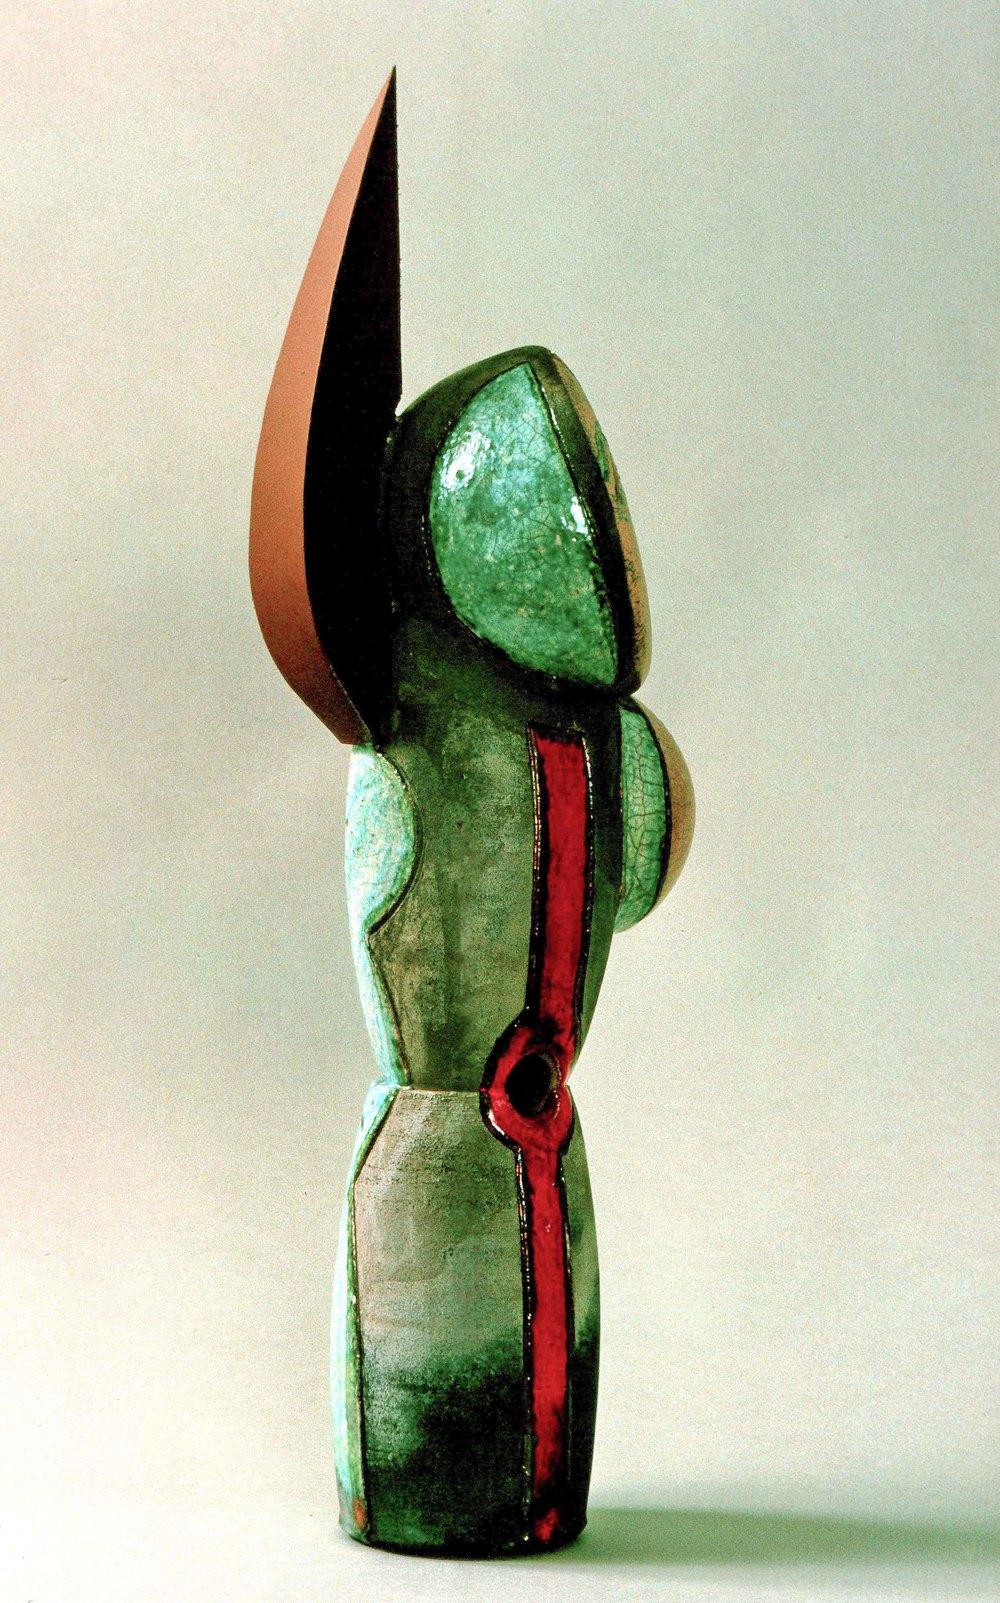 sculpture-54 - 2.jpg